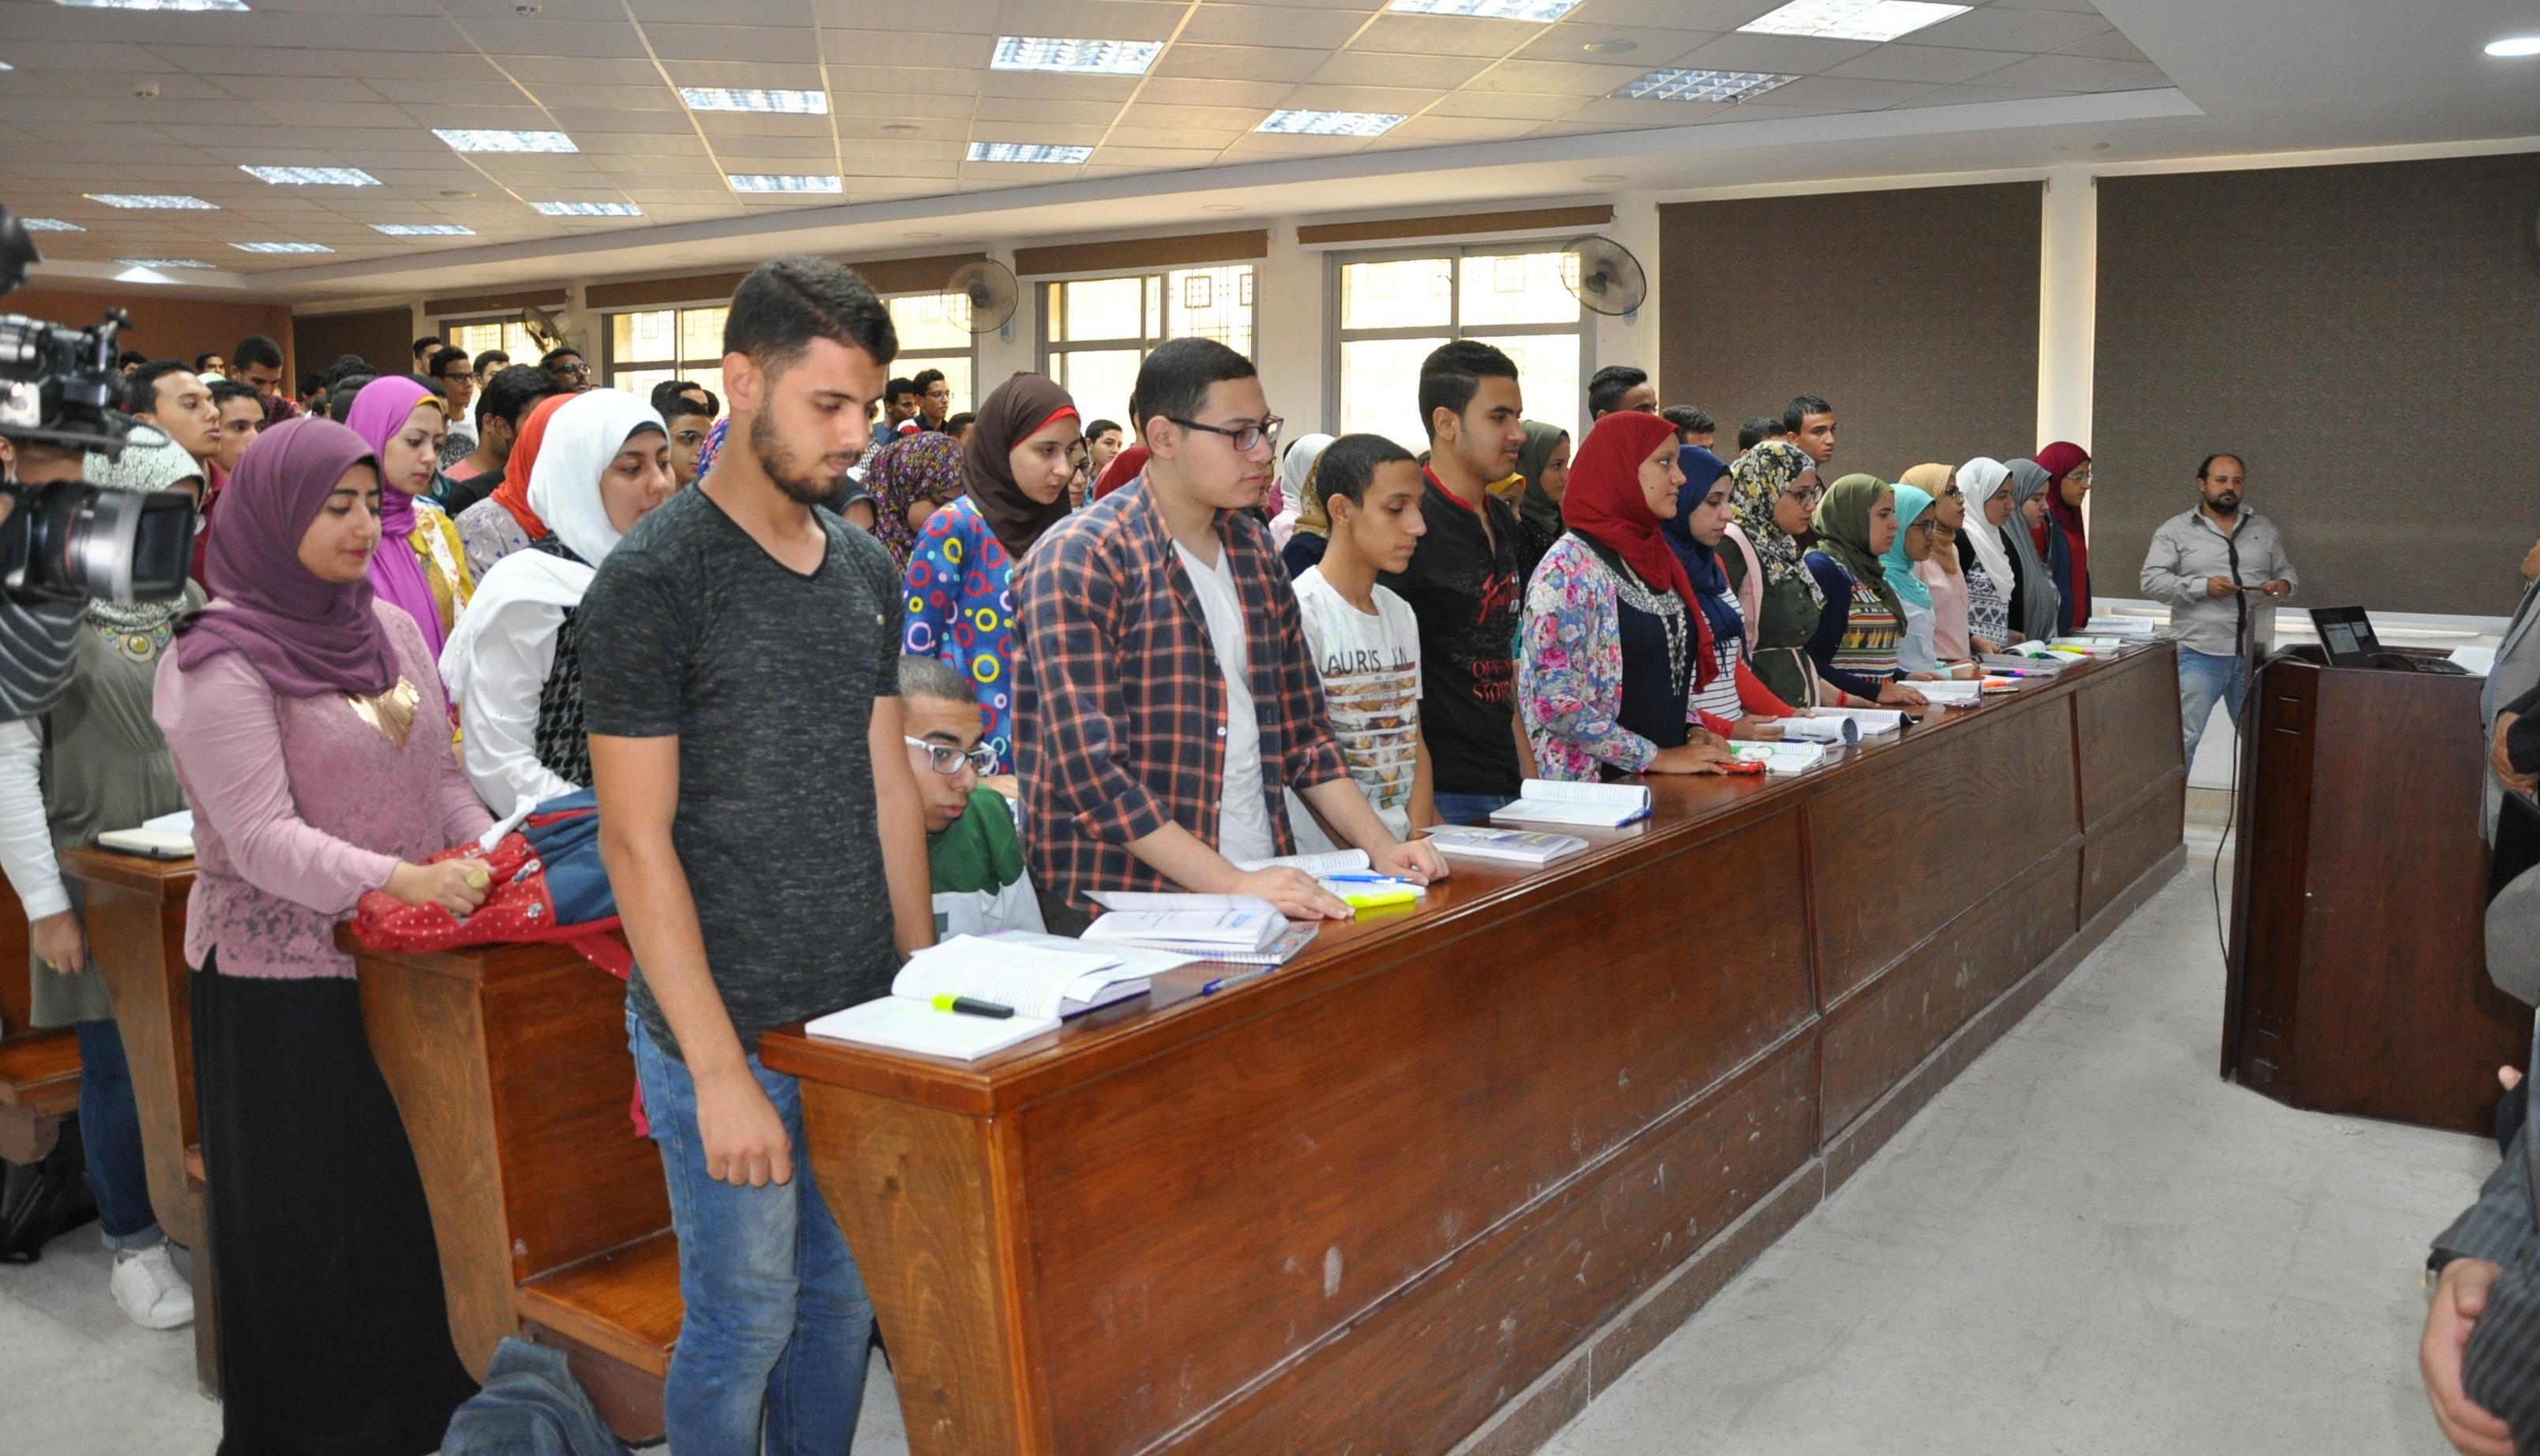 جامعة حلوان تتضامن مع ضحايا حادث الواحات بالوقوف دقيقة حداد